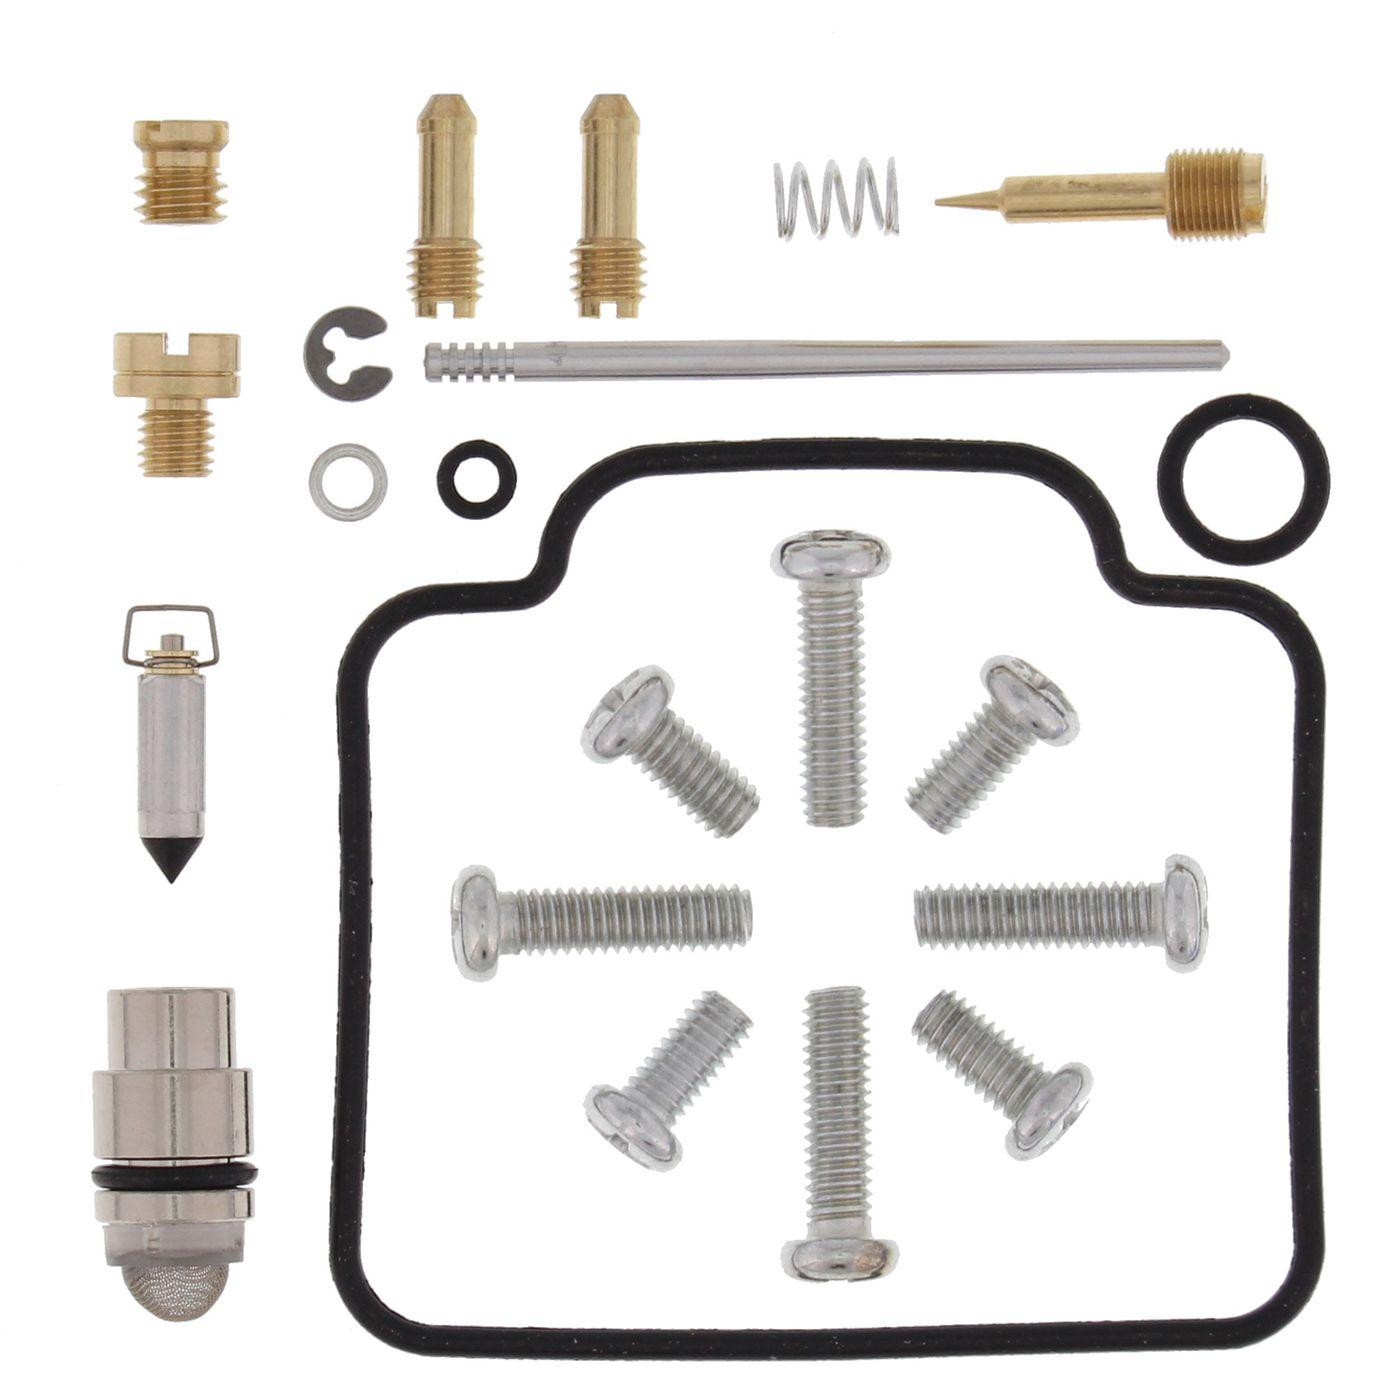 Wrp Carb Repair Kits - WRP261009 image